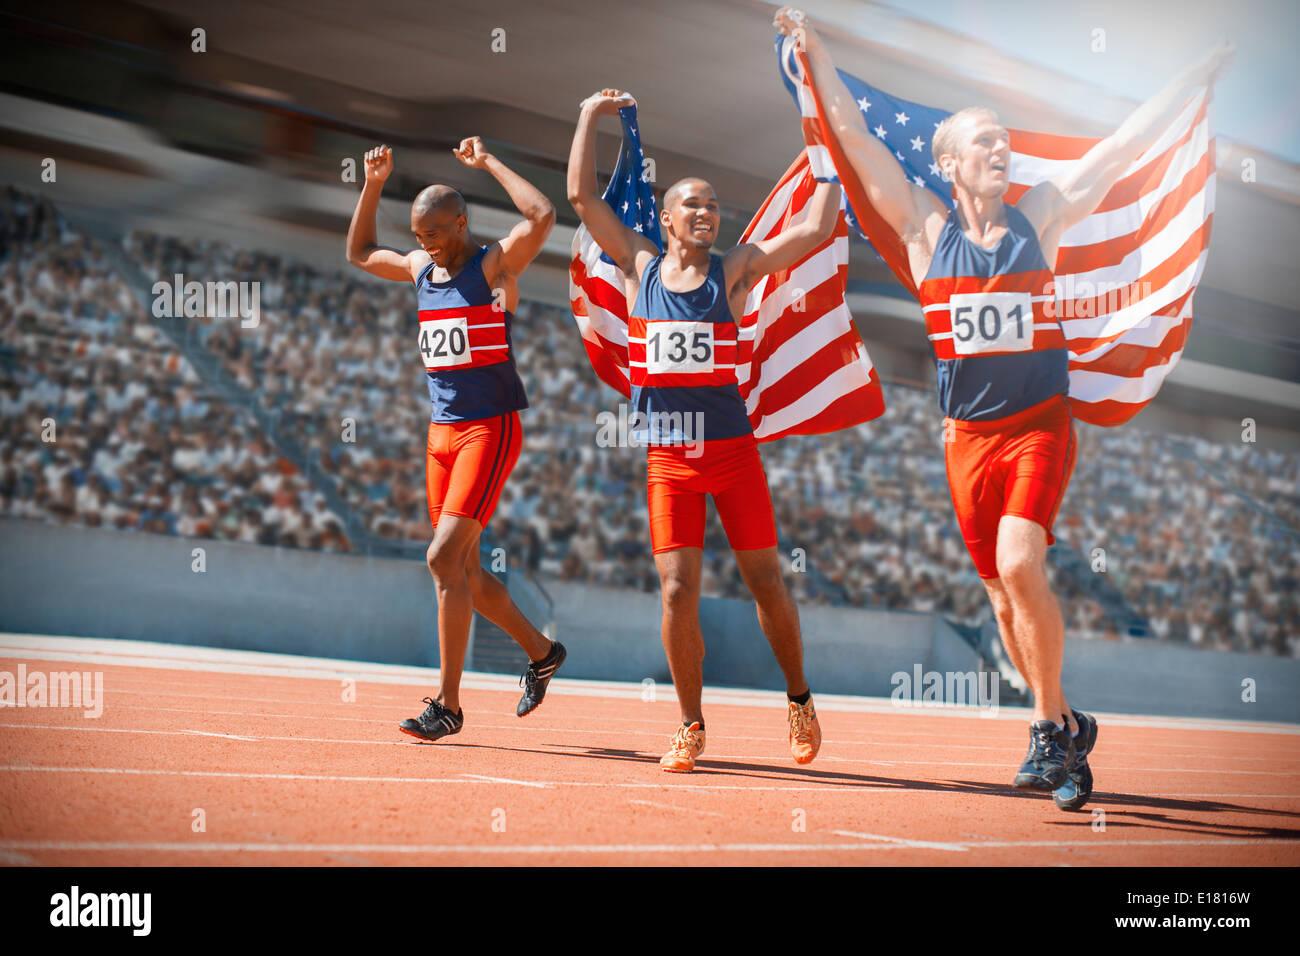 American athletes celebrating on track Stock Photo